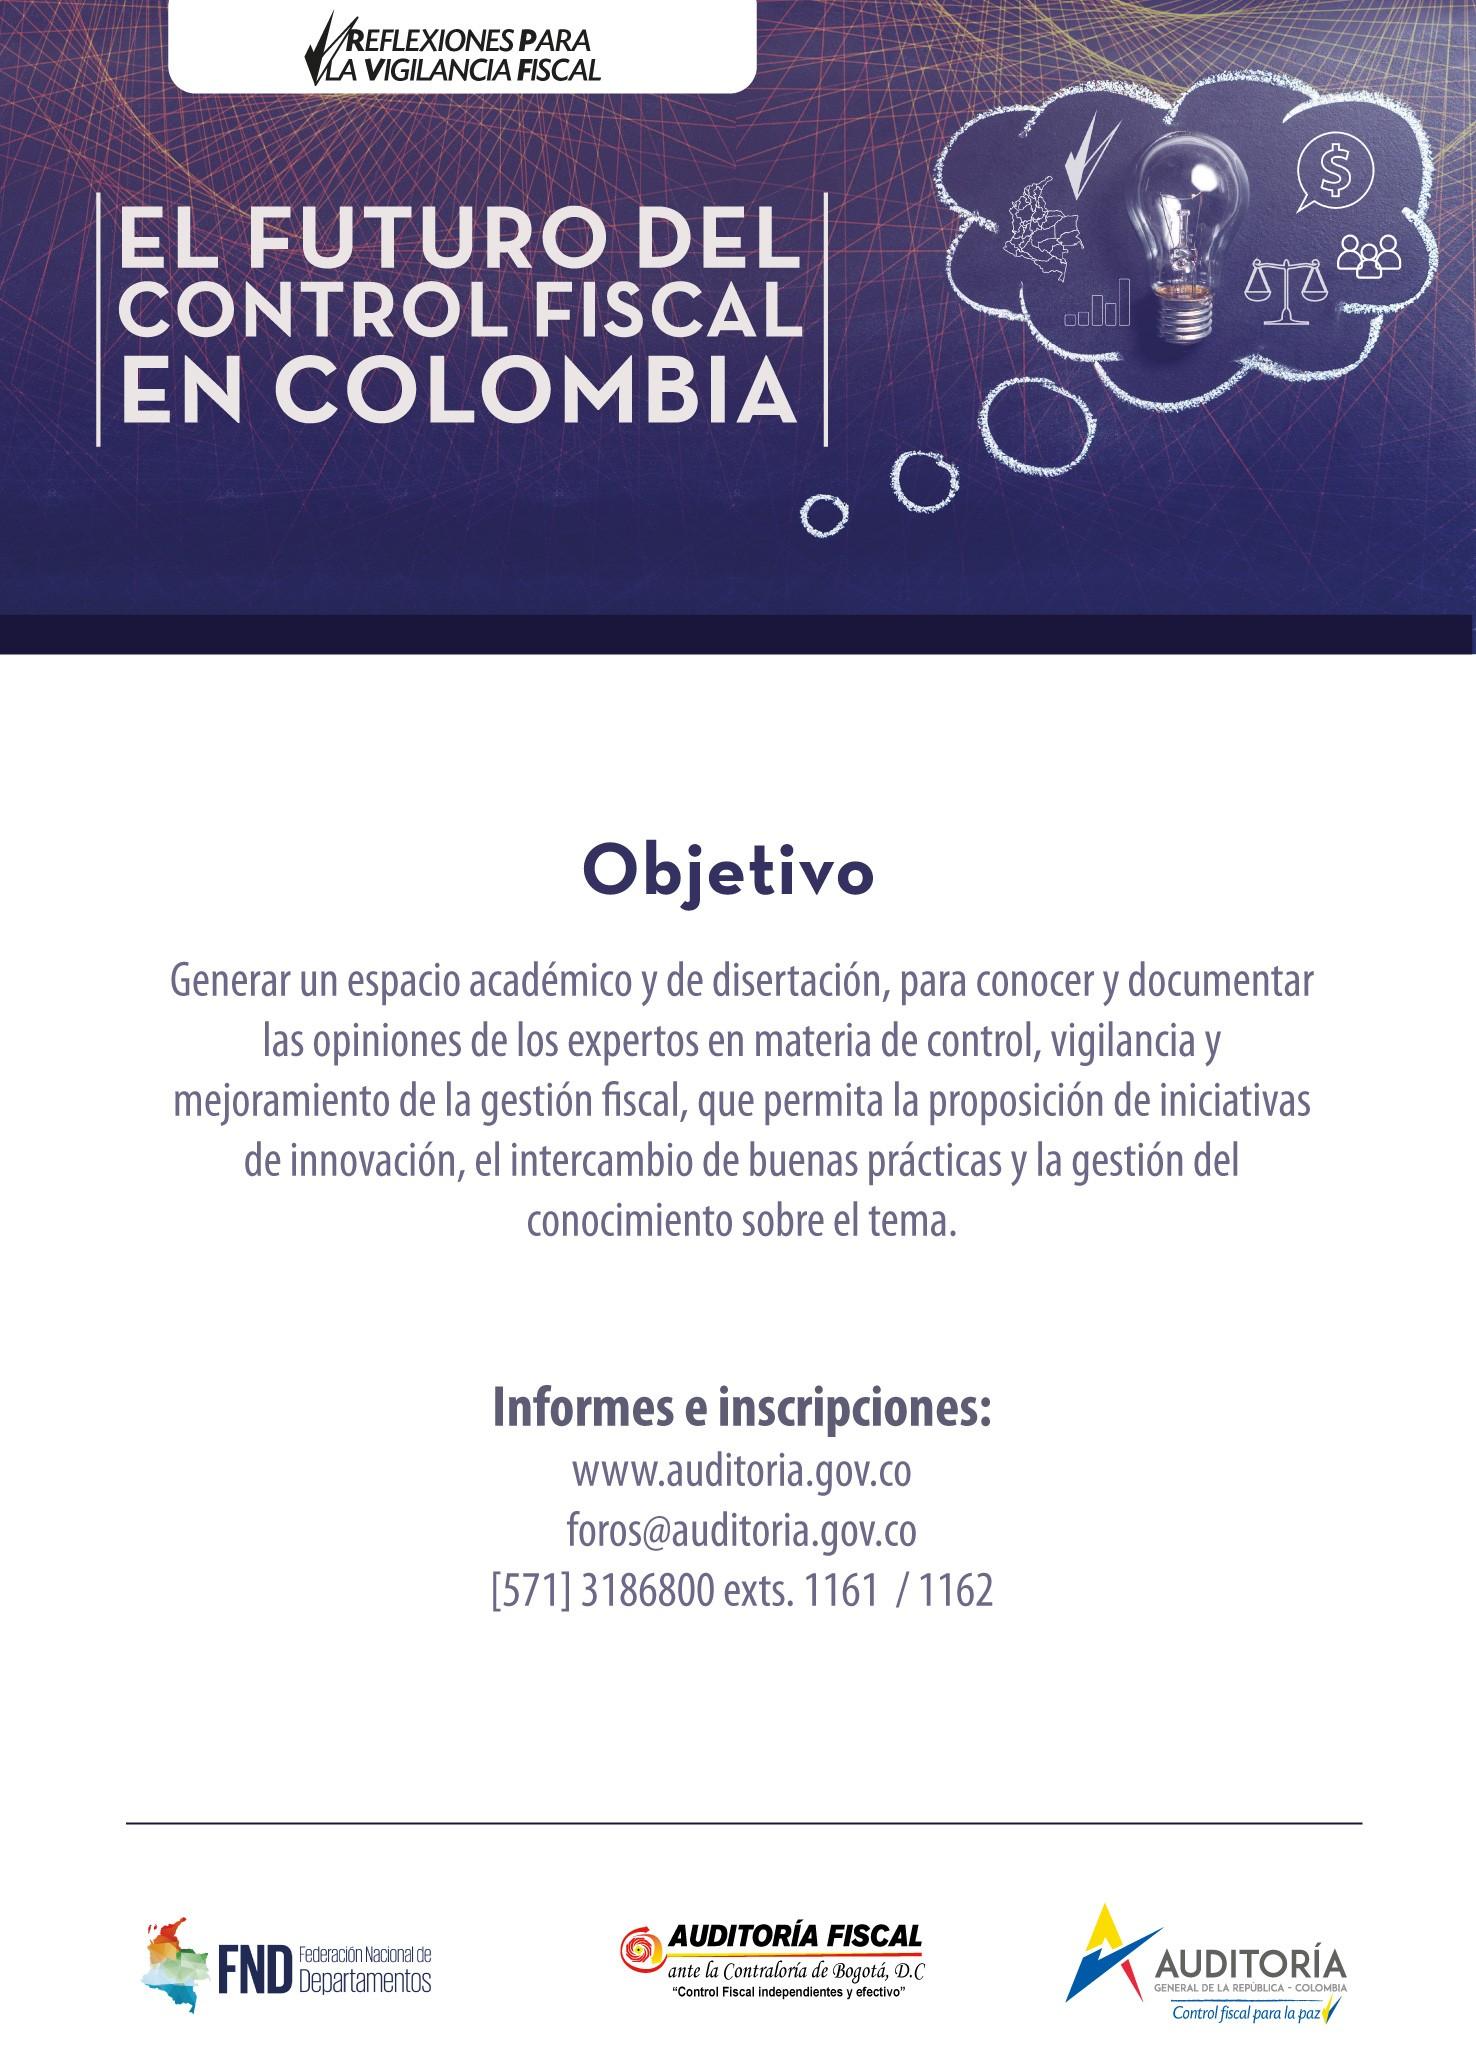 Calendario Colombia 2019 En Pdf Mejores Y Más Novedosos eventos todos Los Elementos Of Calendario Colombia 2019 En Pdf Actual Inspire 2018 Amsterdam